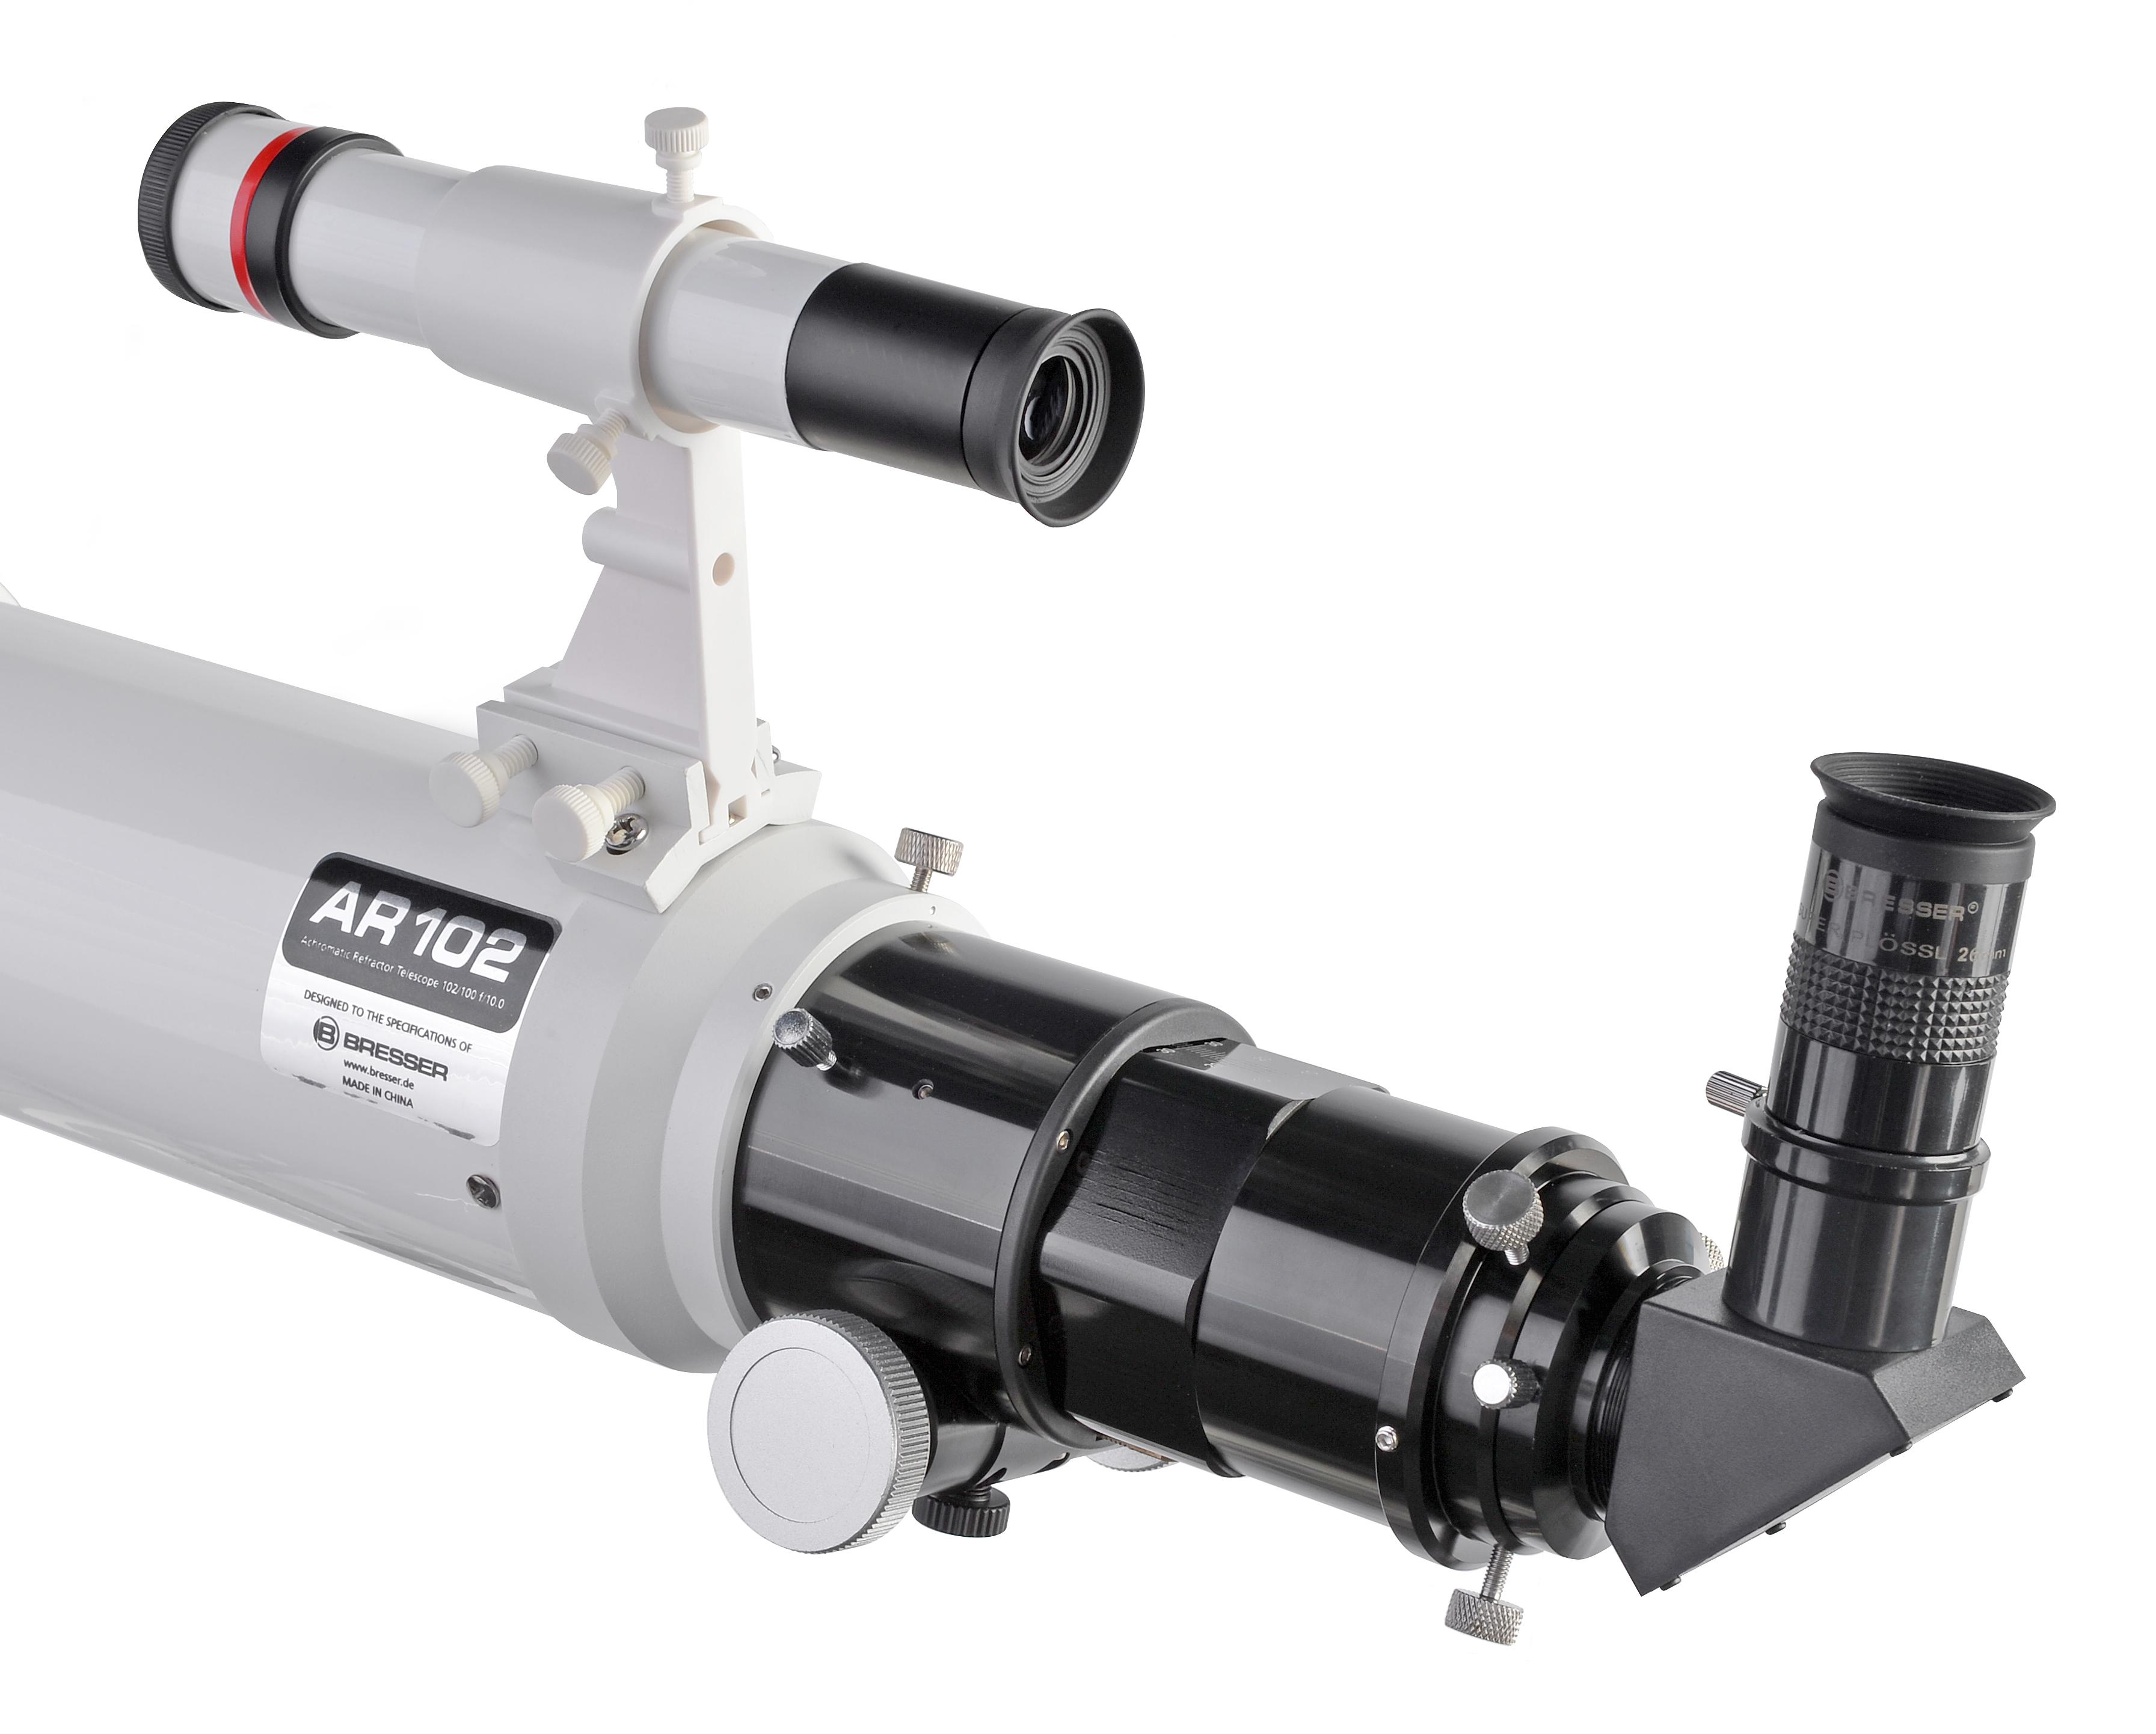 Bresser reflektor teleskop gebrauchsanweisung bresser teleskop